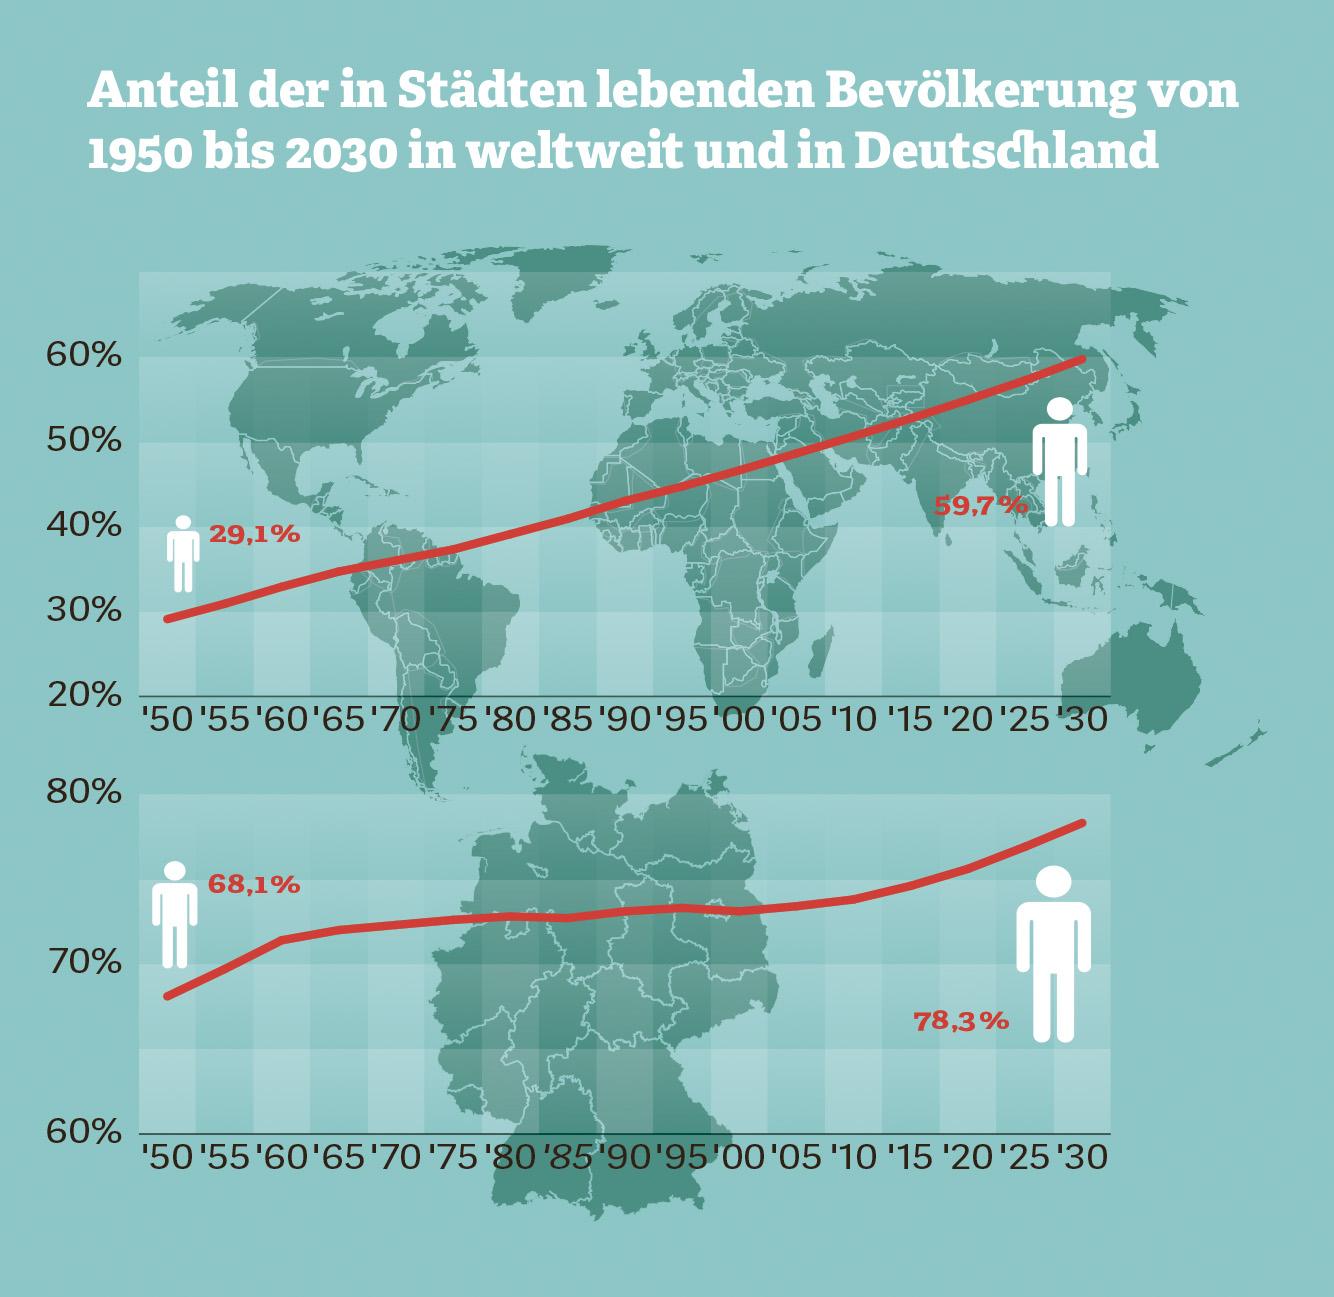 Grafik: Anteil der in Städten lebenden Bevölkerung